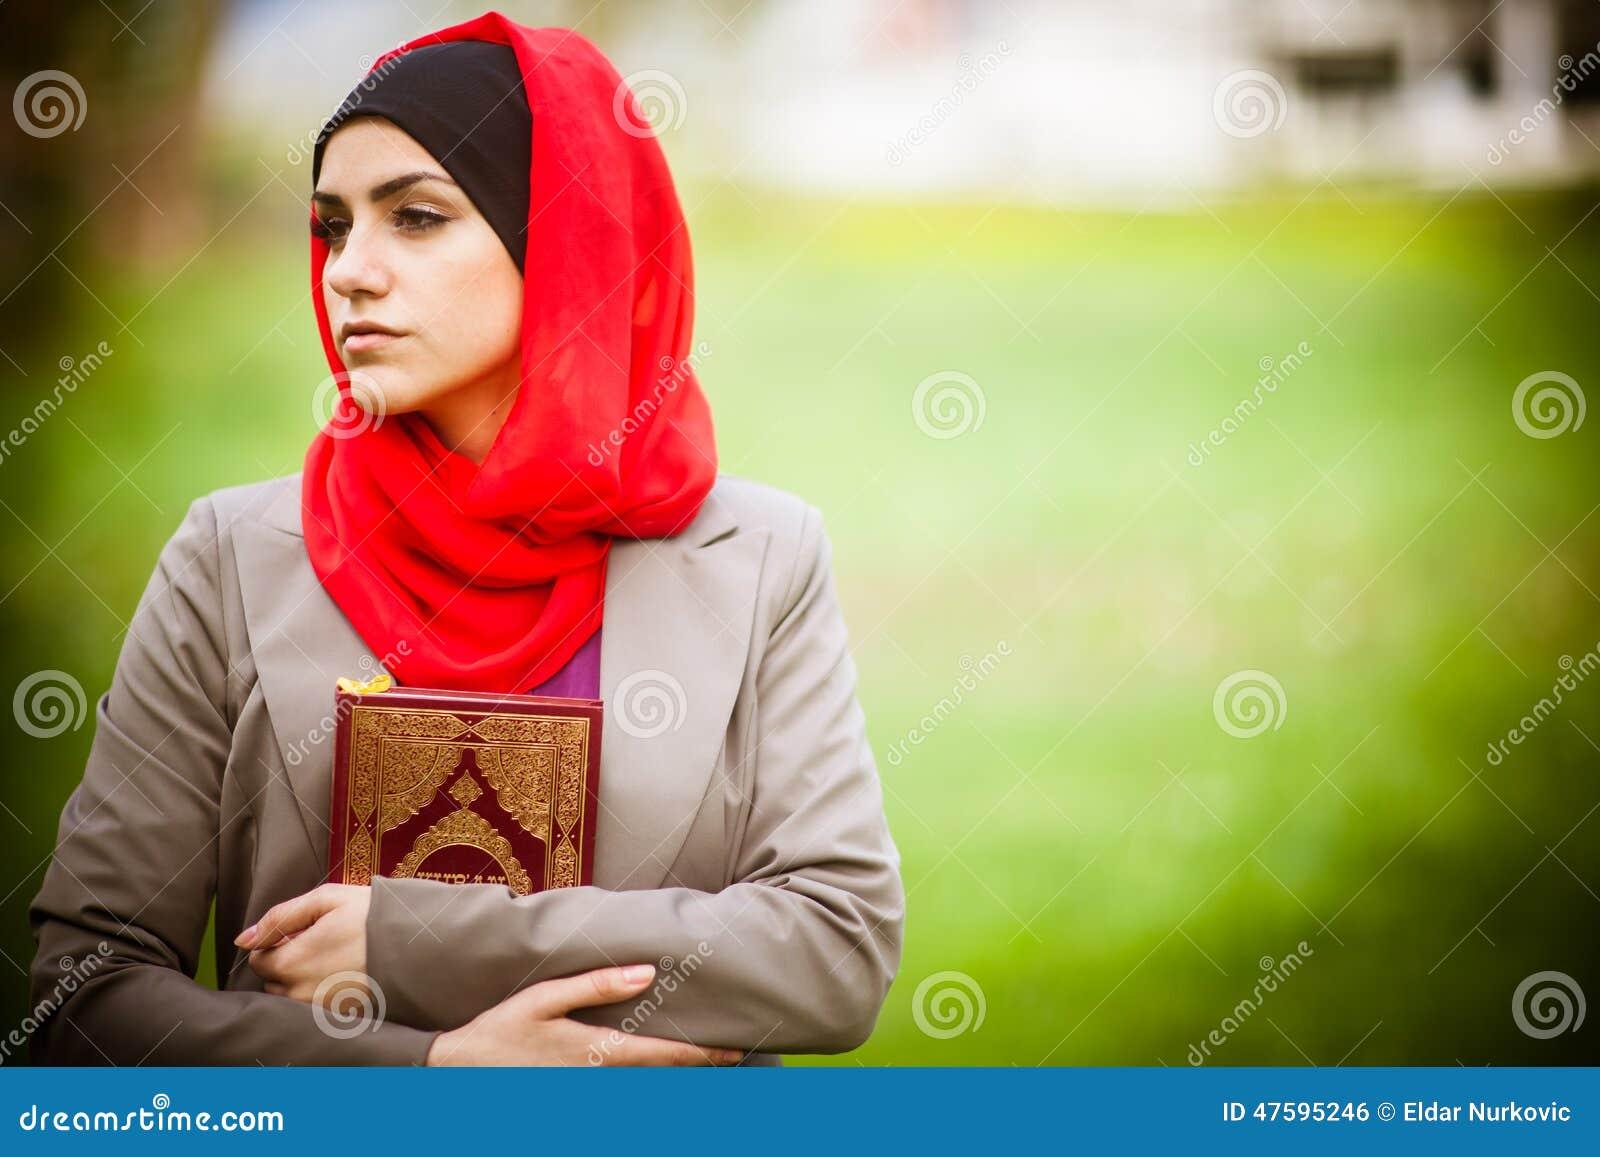 Реальные фото девушек в хиджабе